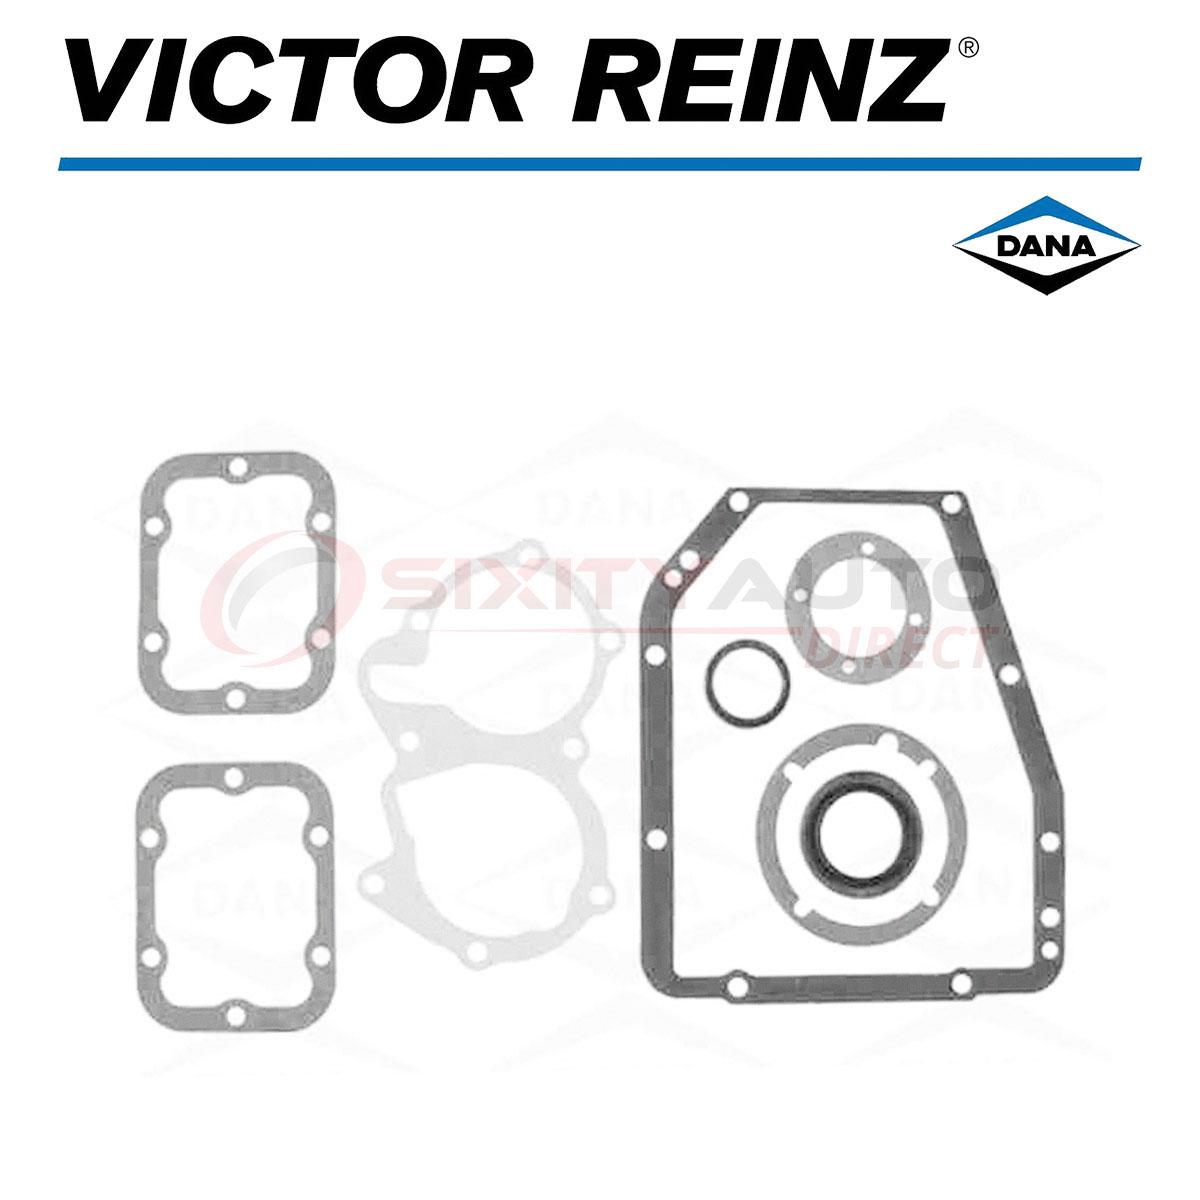 Victor Reinz Manual Transmission Gasket Set for 1984